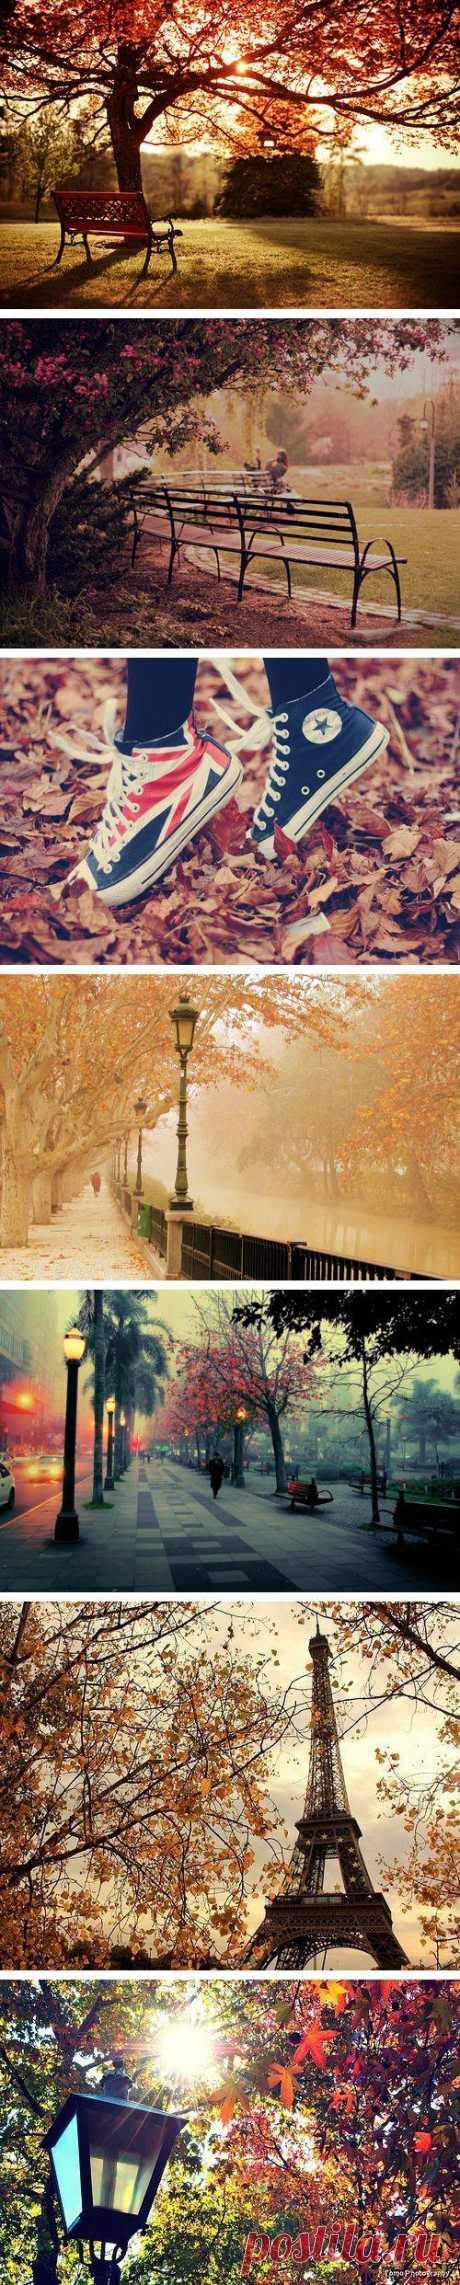 Каждая пора года по-своему прекрасна. Поэтому радуйся когда придёт осень и наслаждайся её удивительными красками